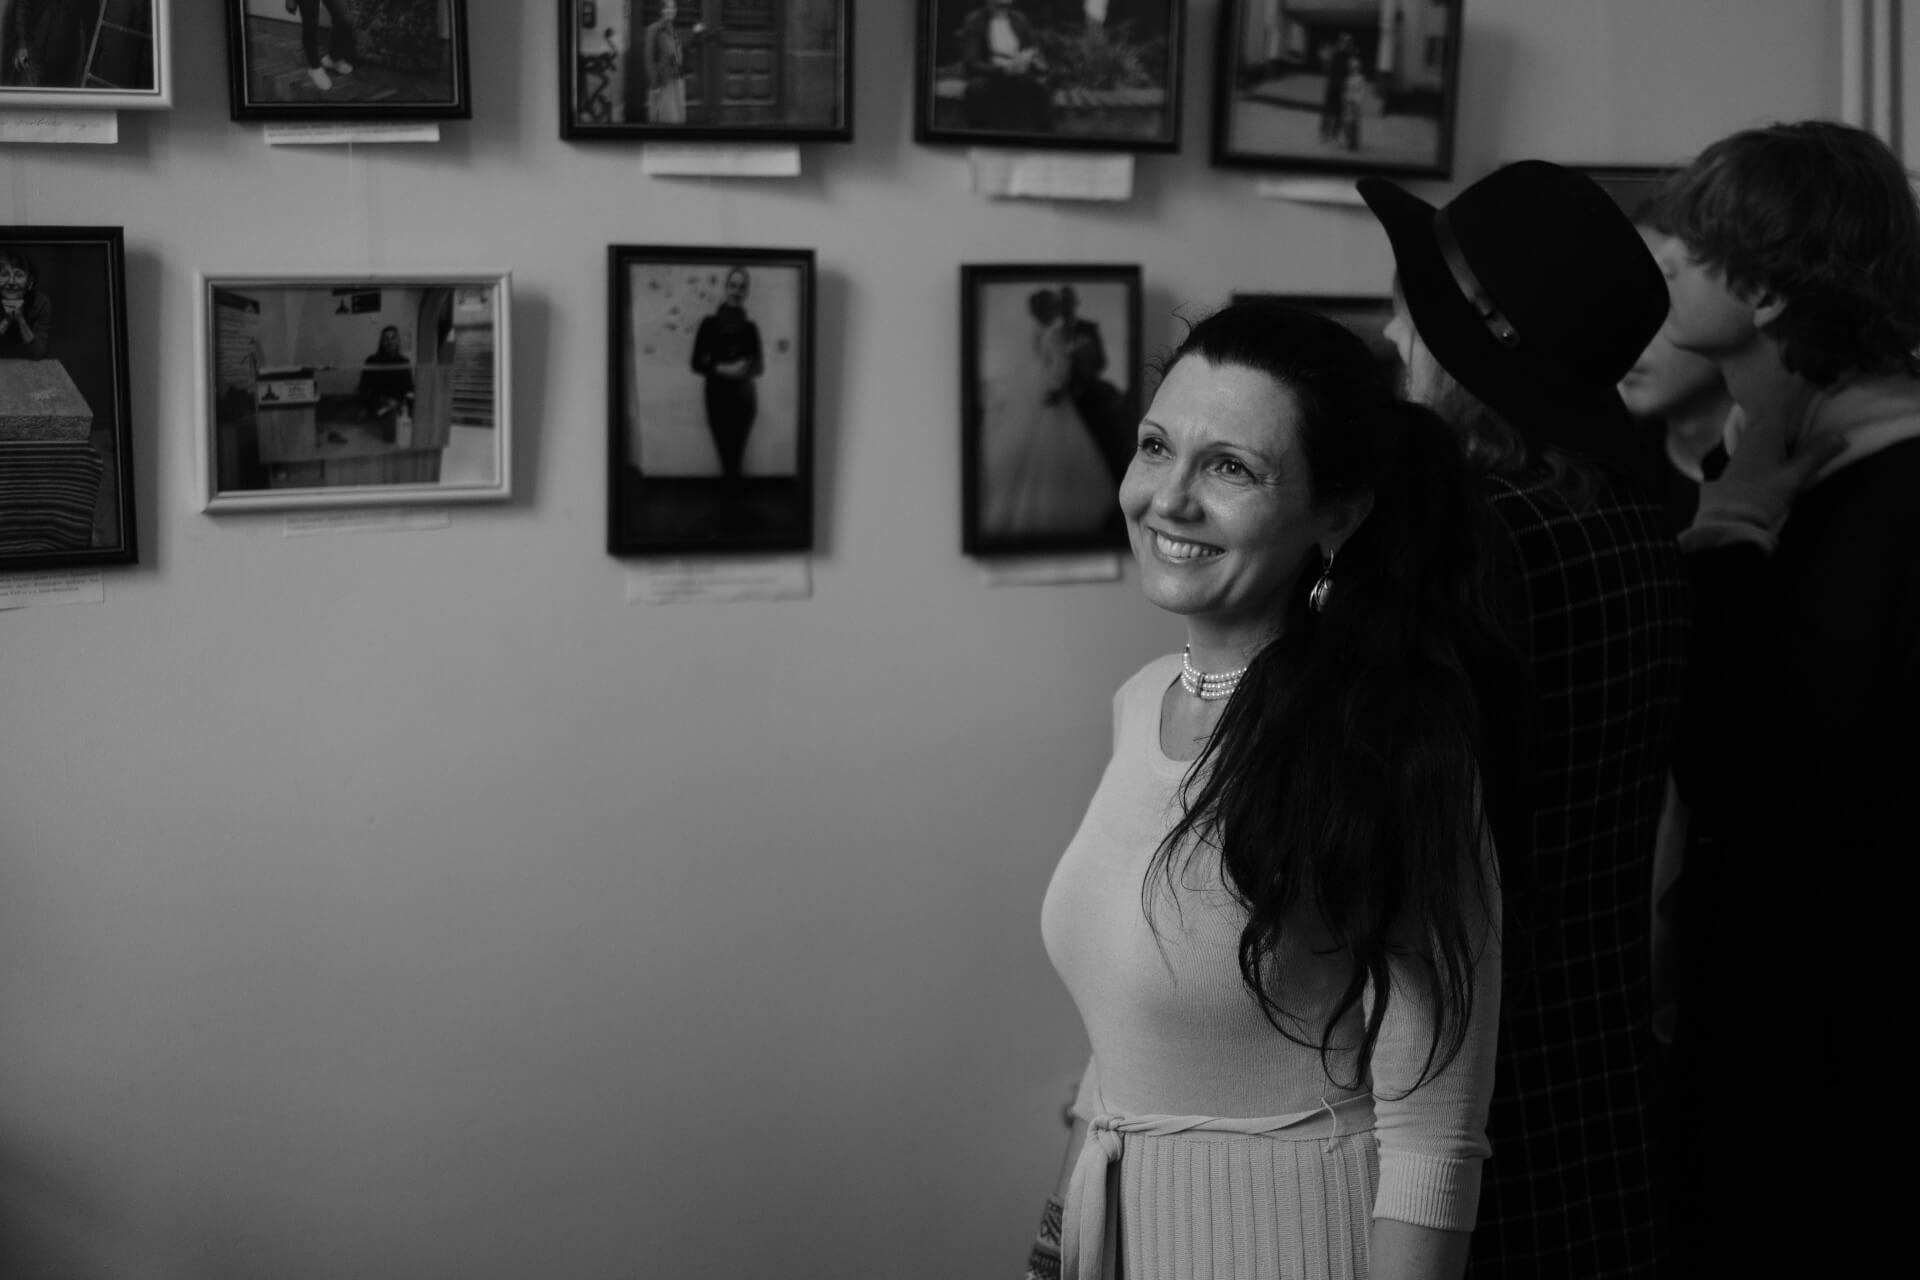 Чорним по білому: франківці крізь об'єктив фотографки з Бразилії